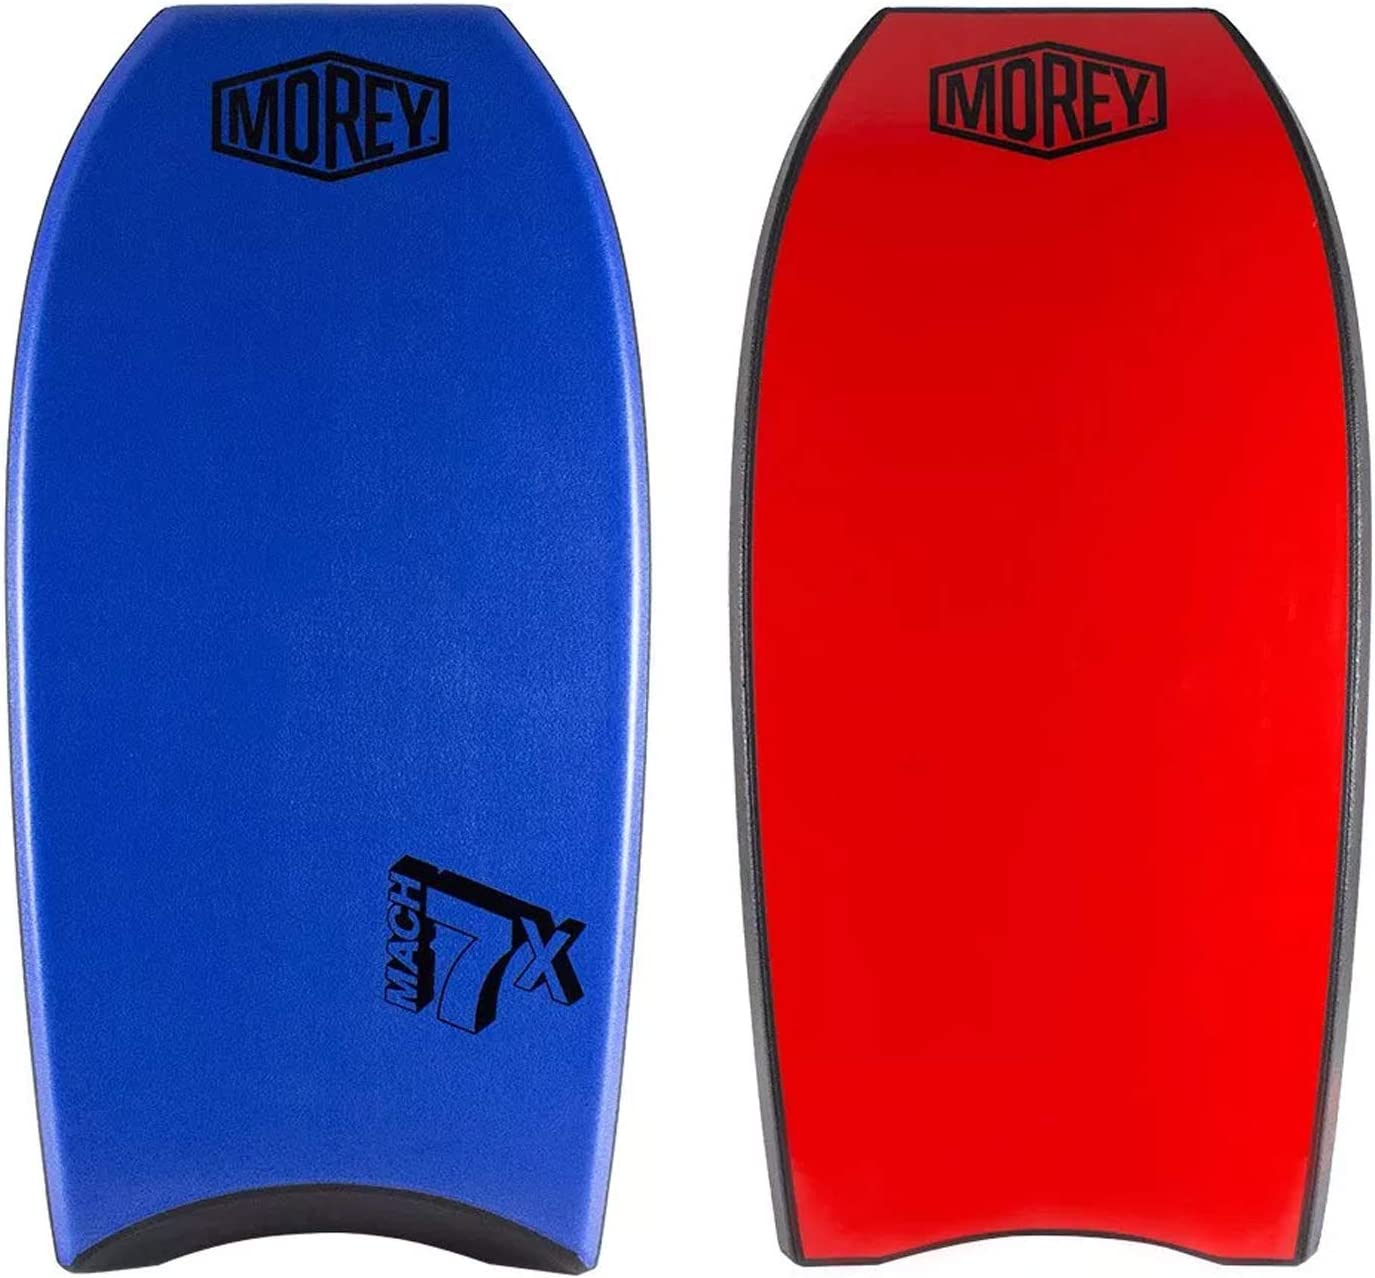 Morey Mach 7X 41.5